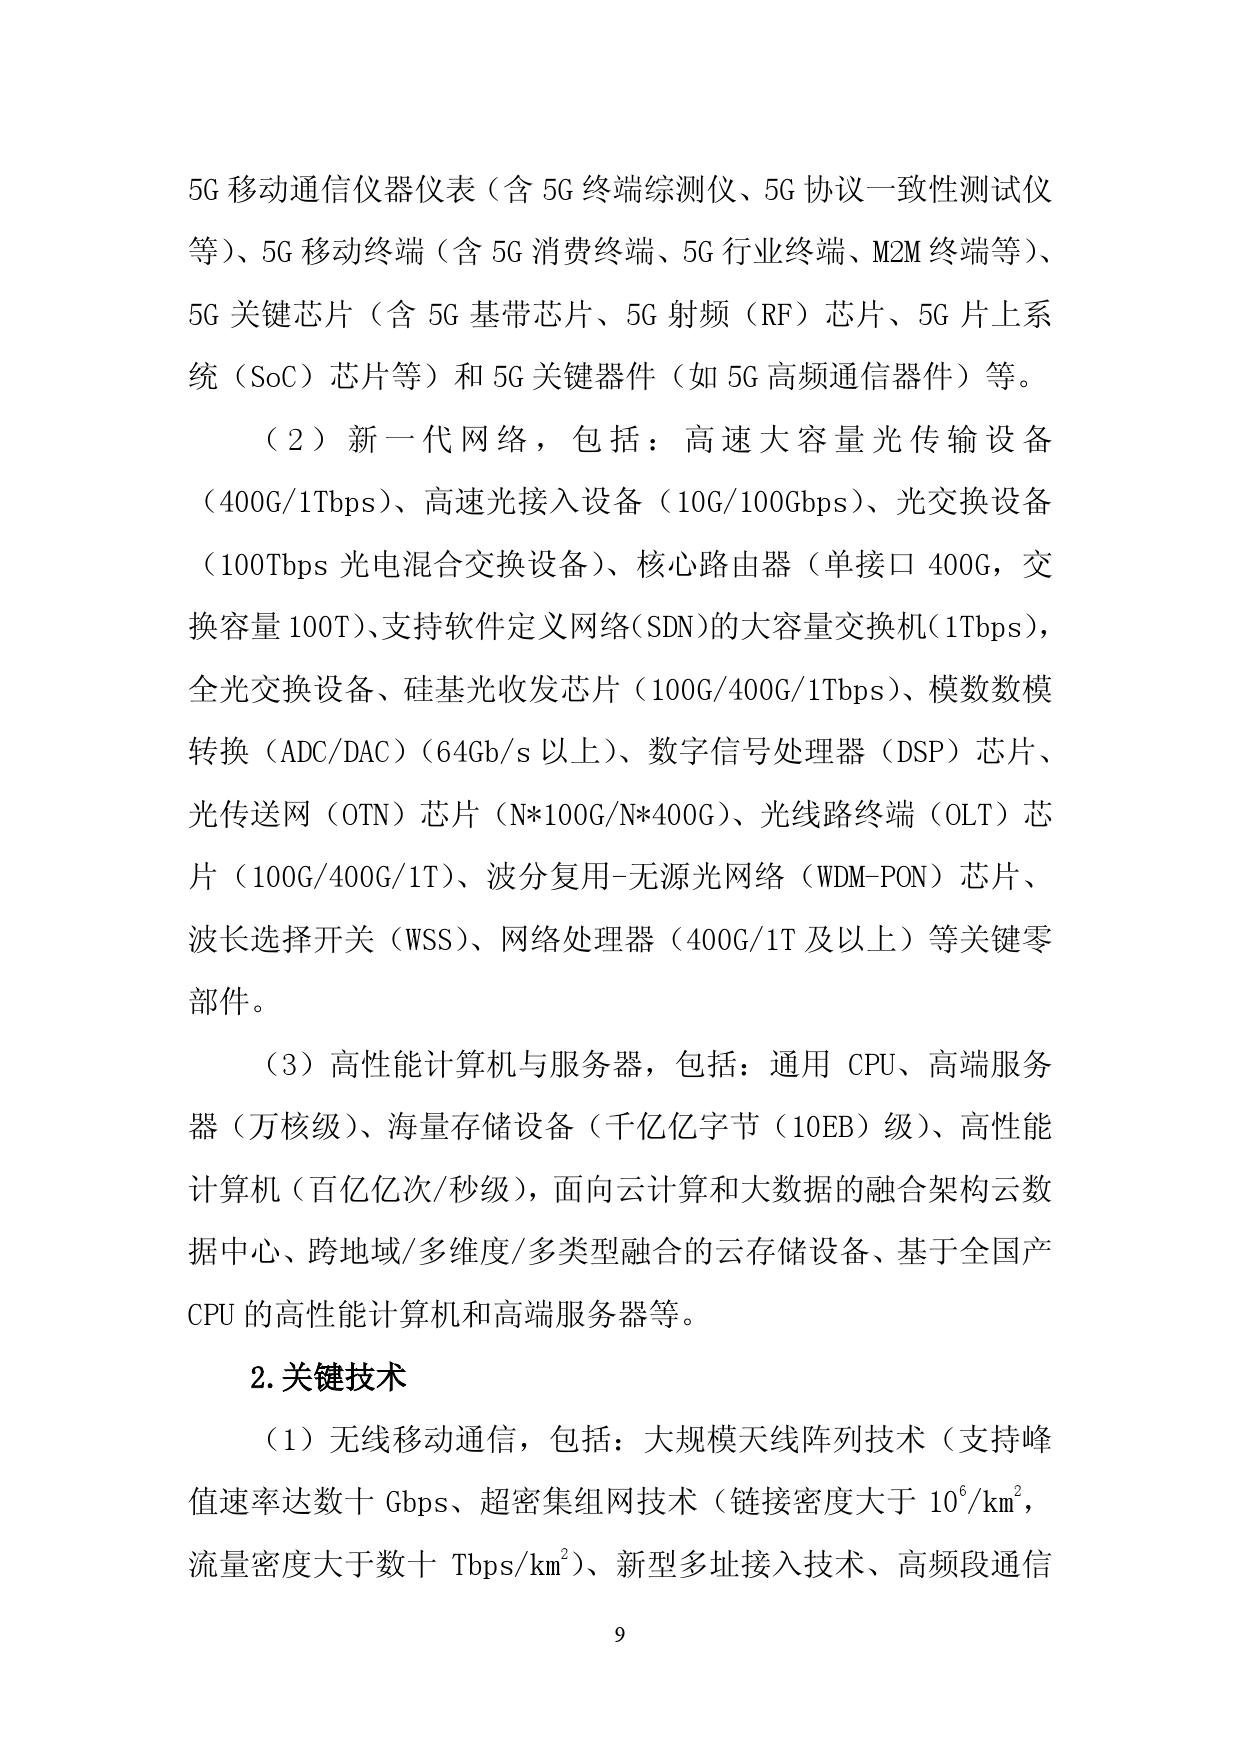 《中国制造 2025》重点领域技术路线图_000015